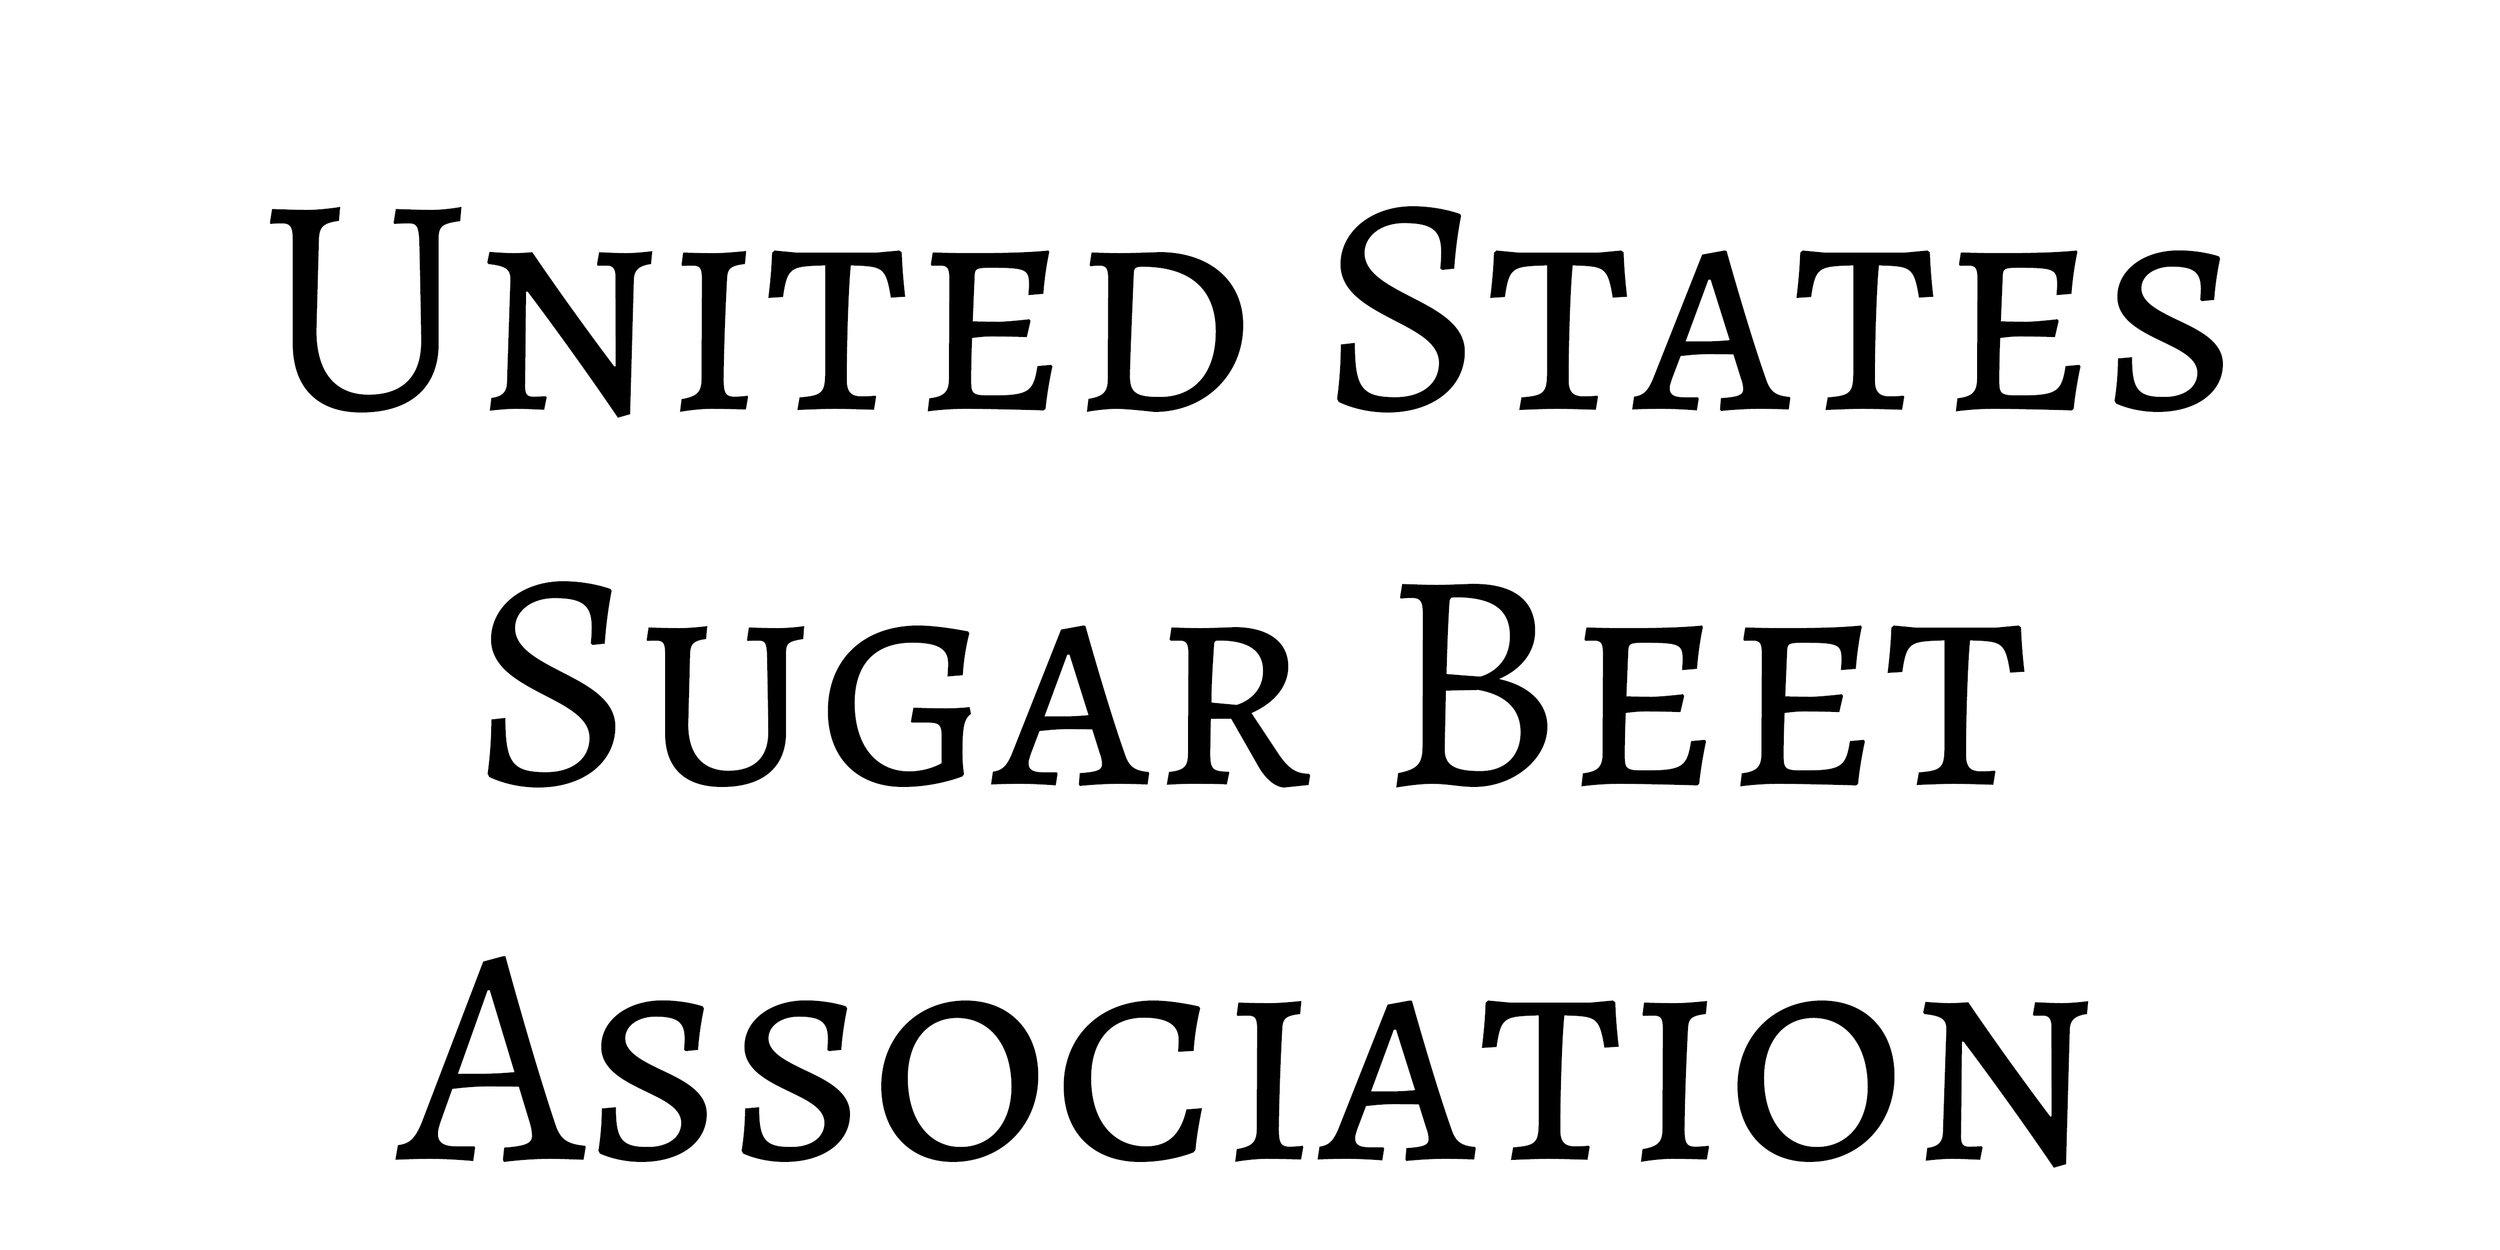 US Sugar Beet Association.jpg